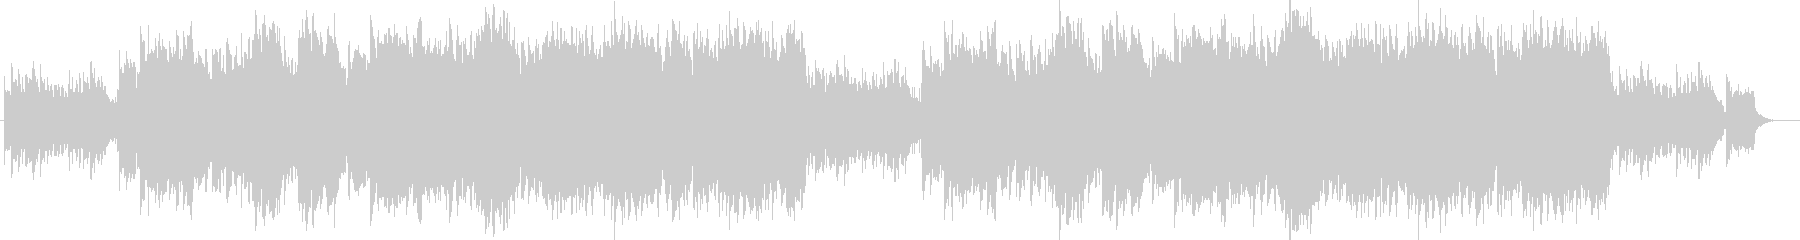 ピアノによるノスタルジックなバラードの未再生の波形